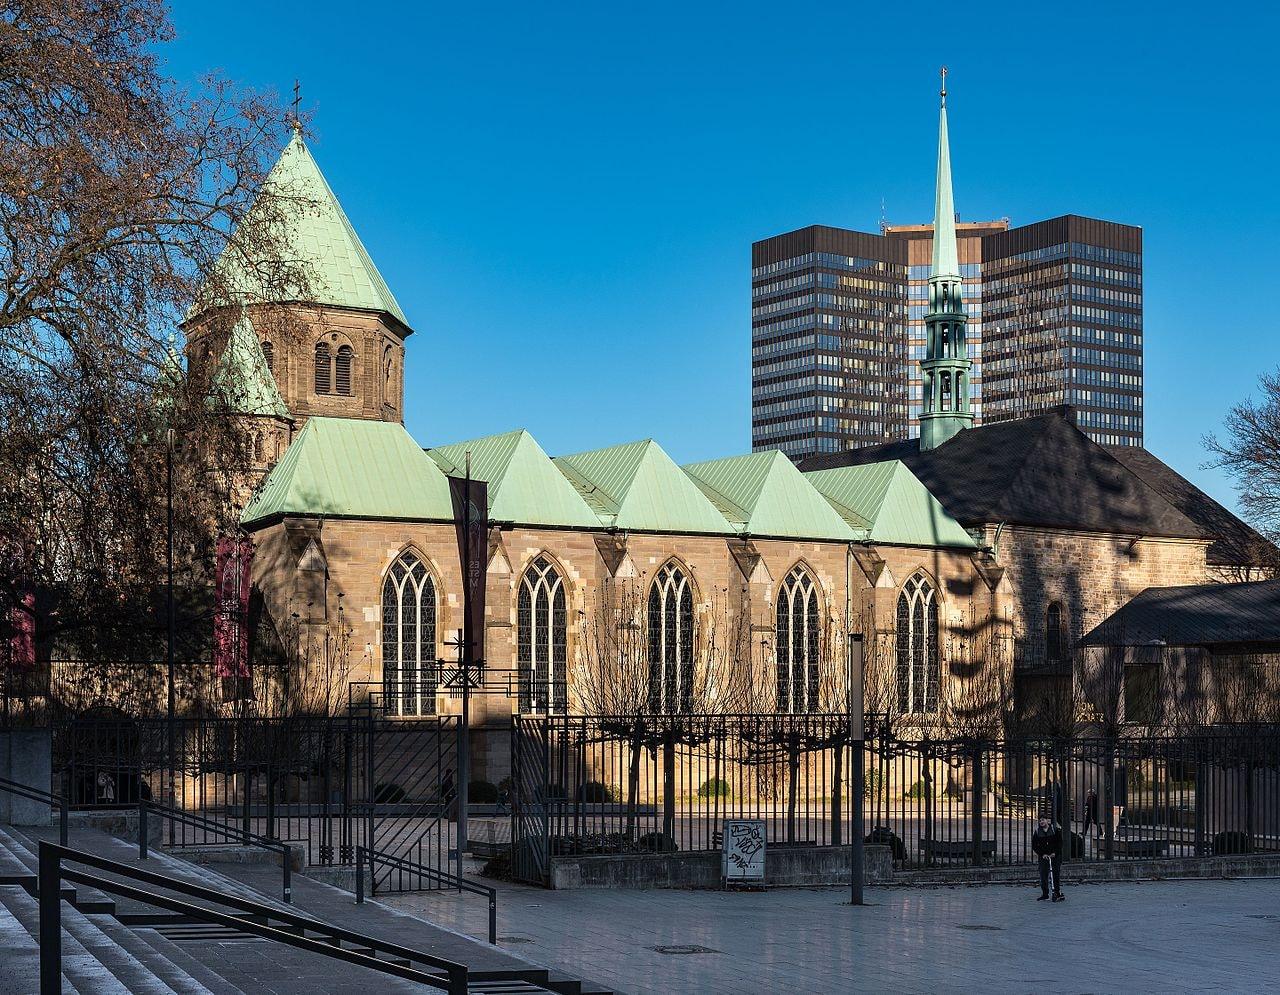 Dom-Essen-mit-Burgplatz-und-Rathaus-2016